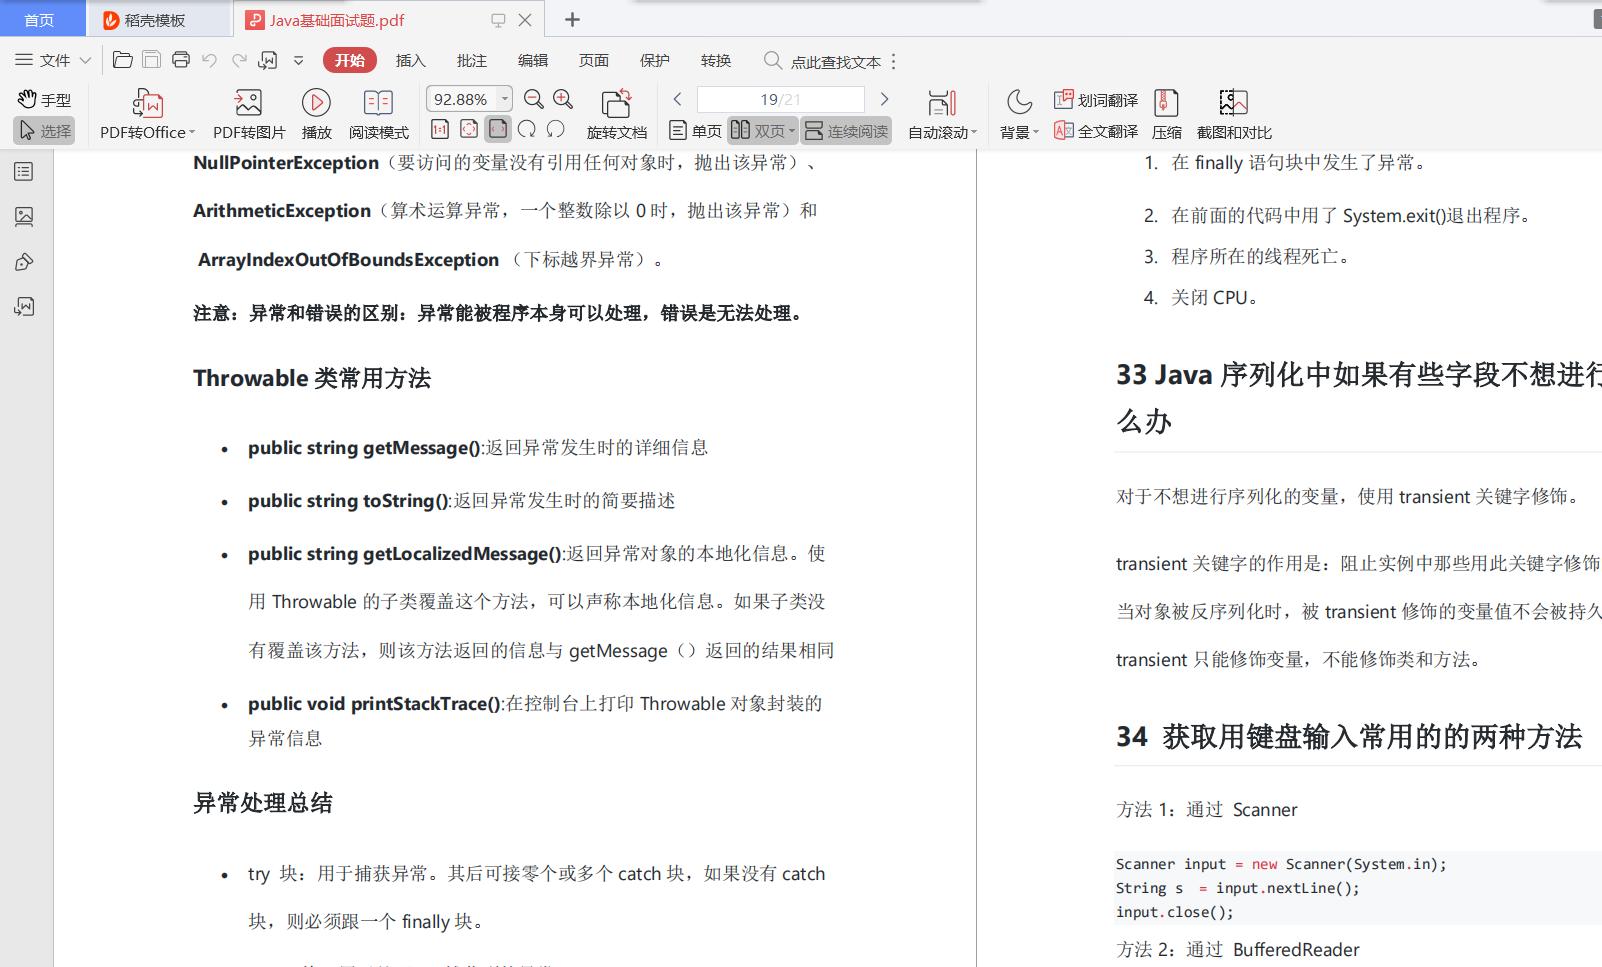 大牛耗时三天整理的:微服务+Nginx+Kubernetes实战文档和面试题